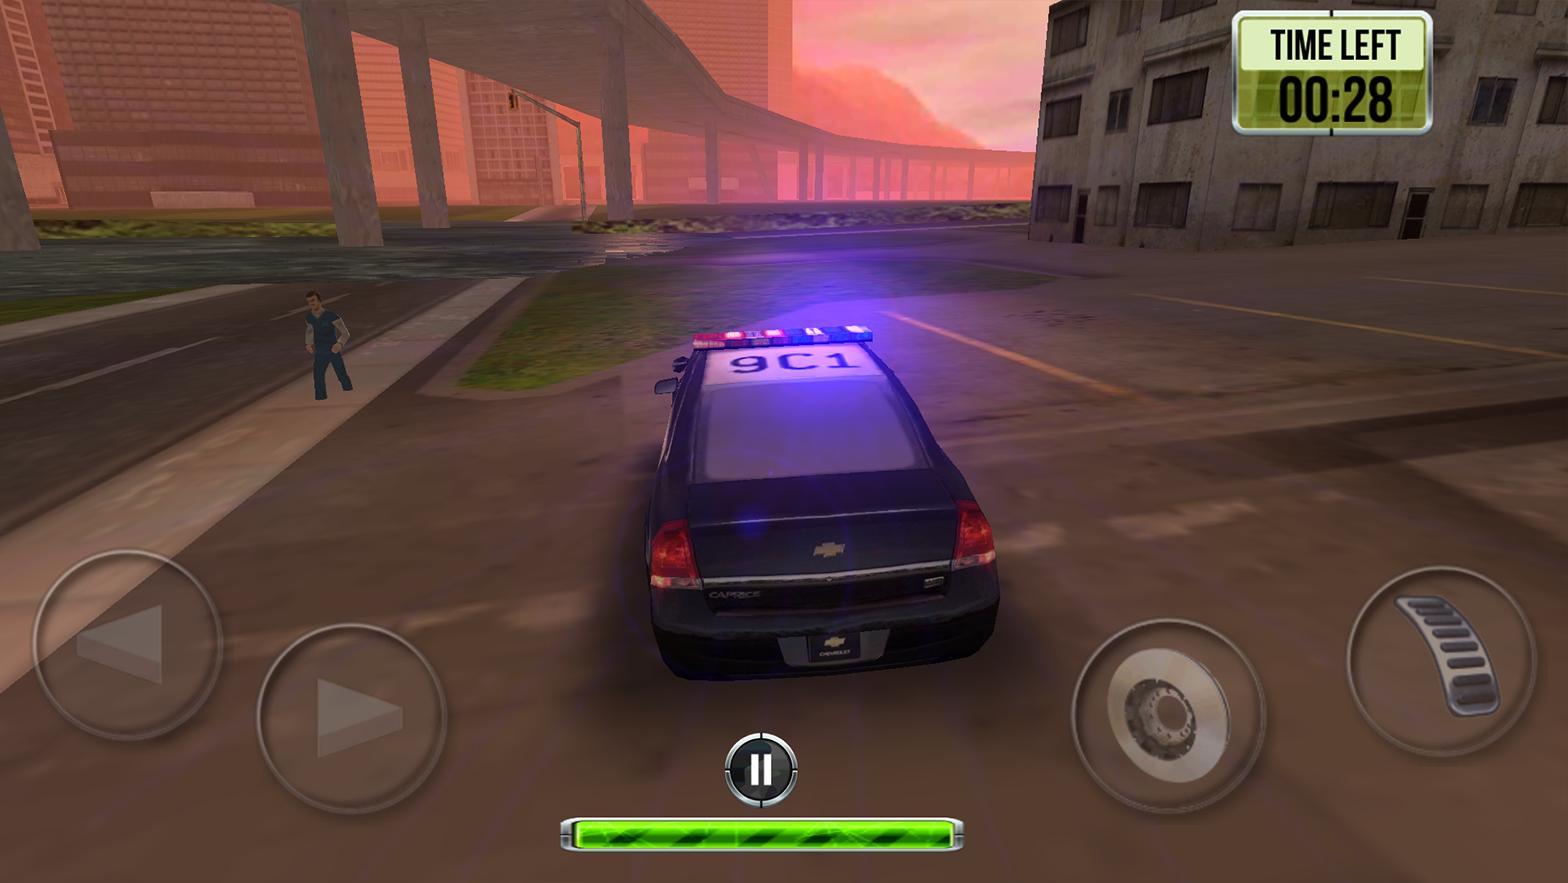 手机游戏 > 警察对小偷